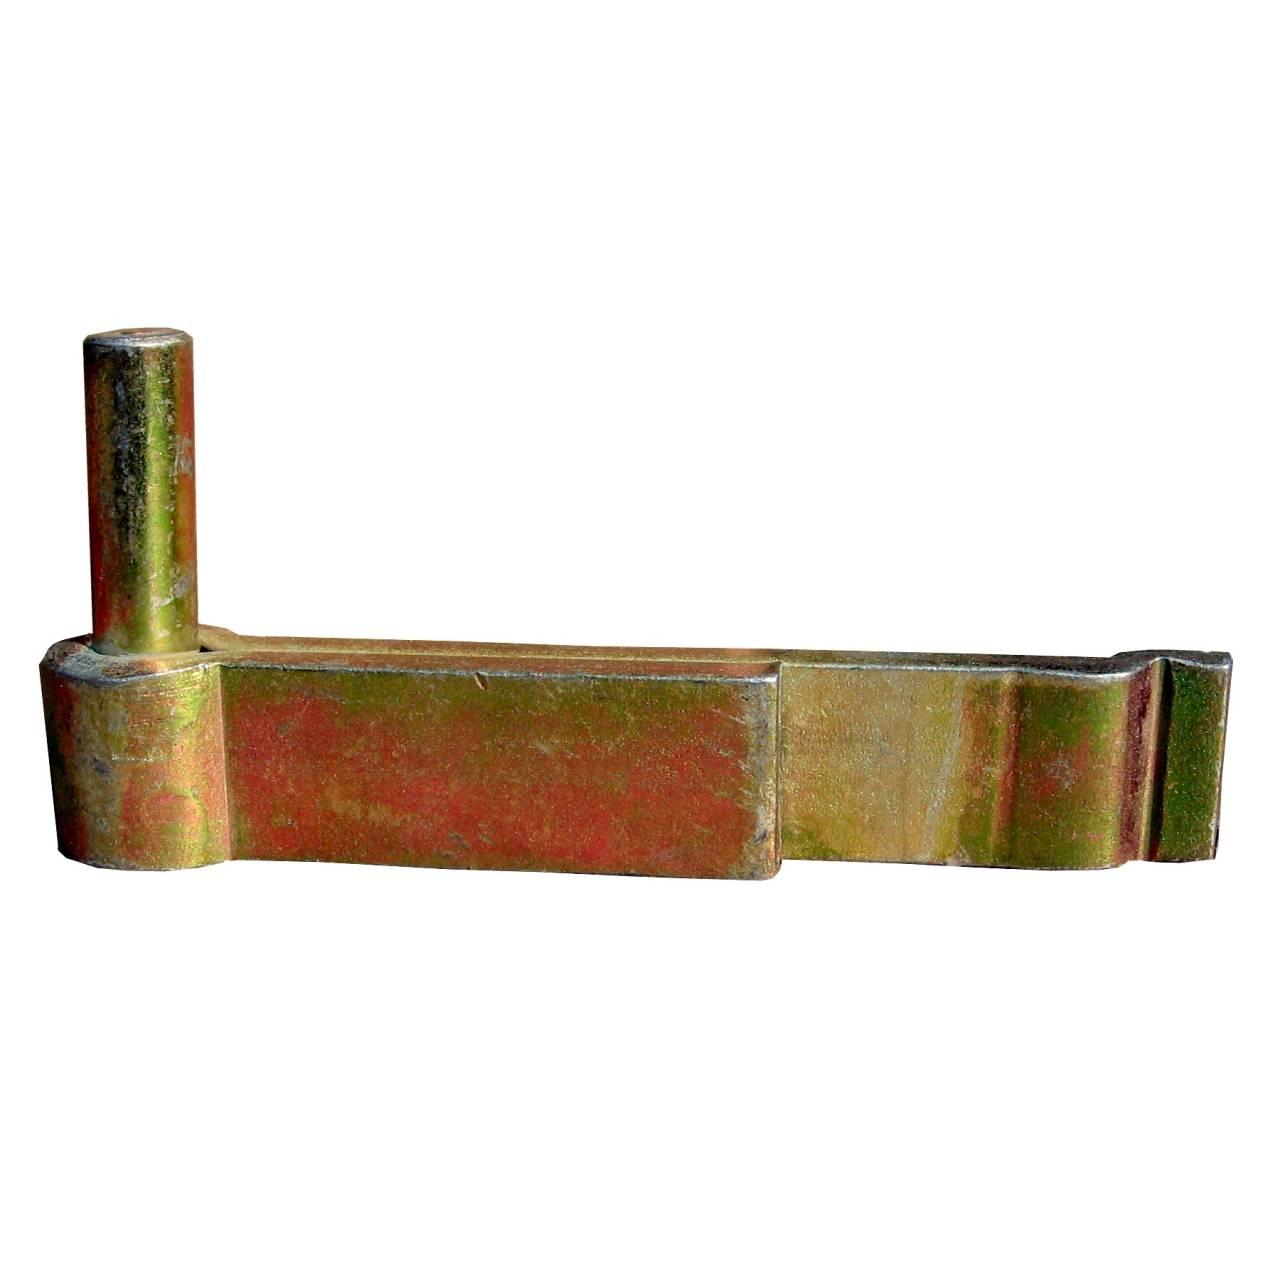 Einmauerkloben vz, mit Dorn Ø 13 x 115 mm